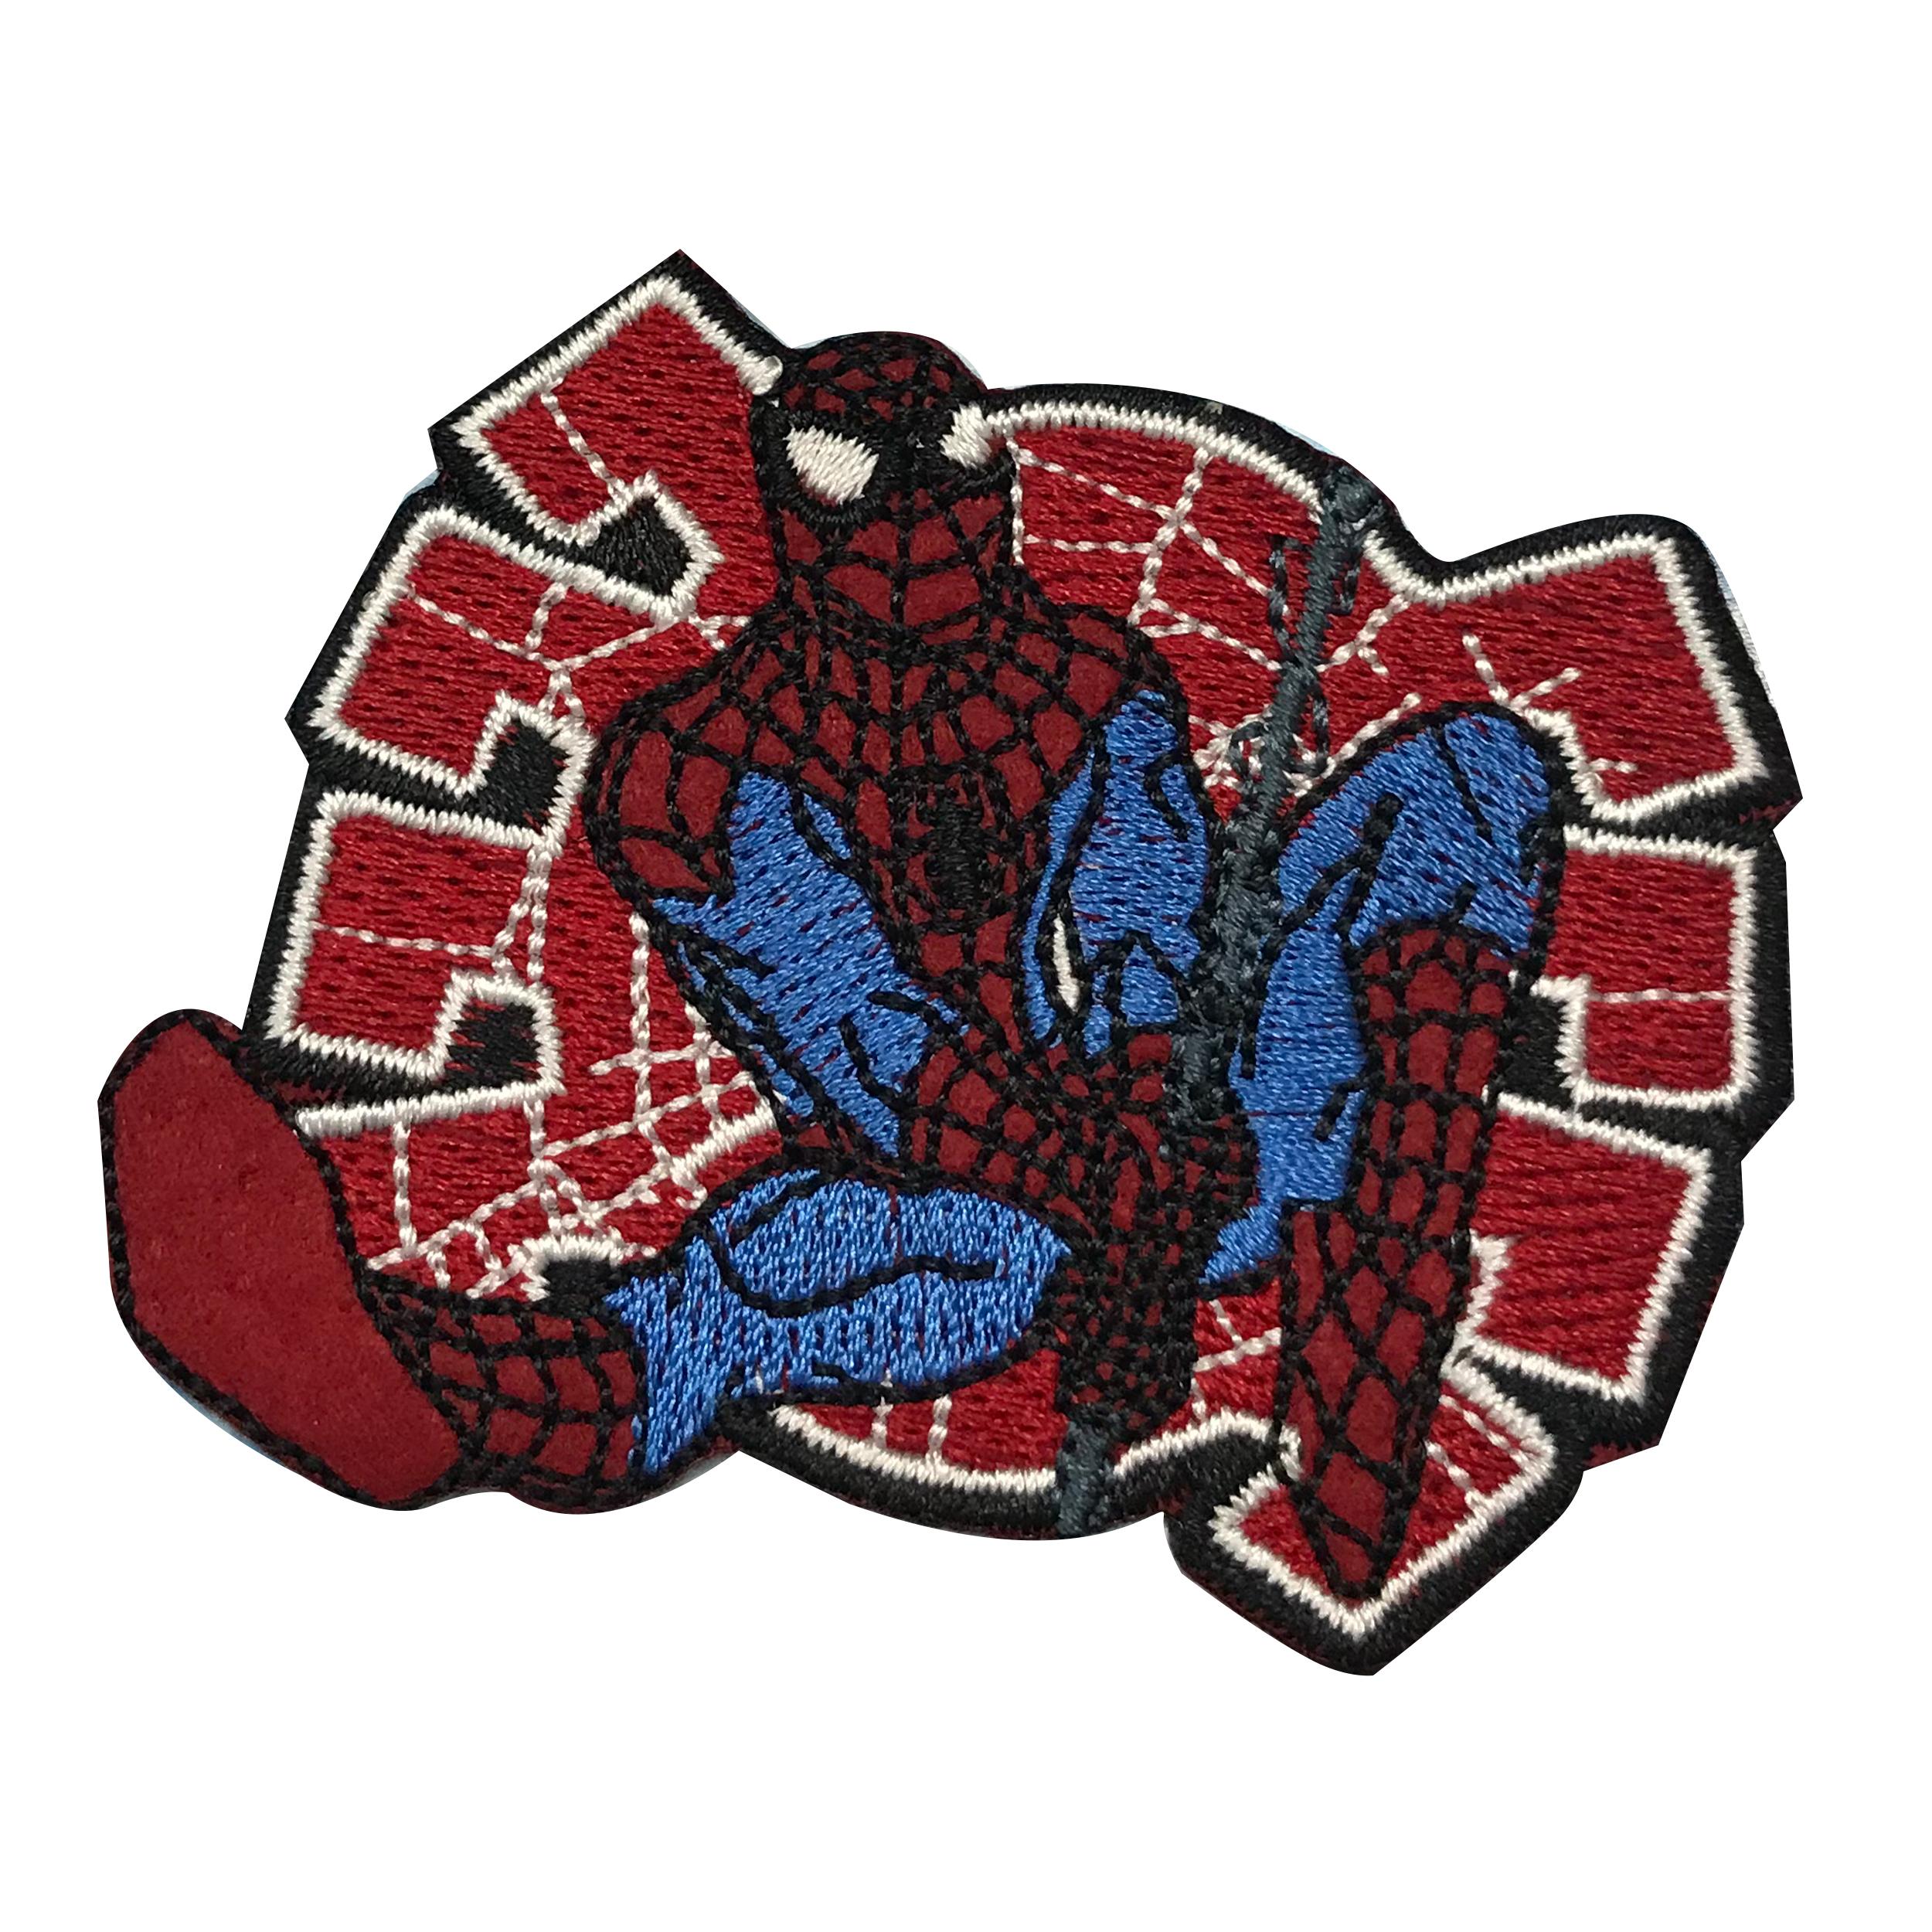 Applicazione Termoadesiva Marvel Amazing Spiderman